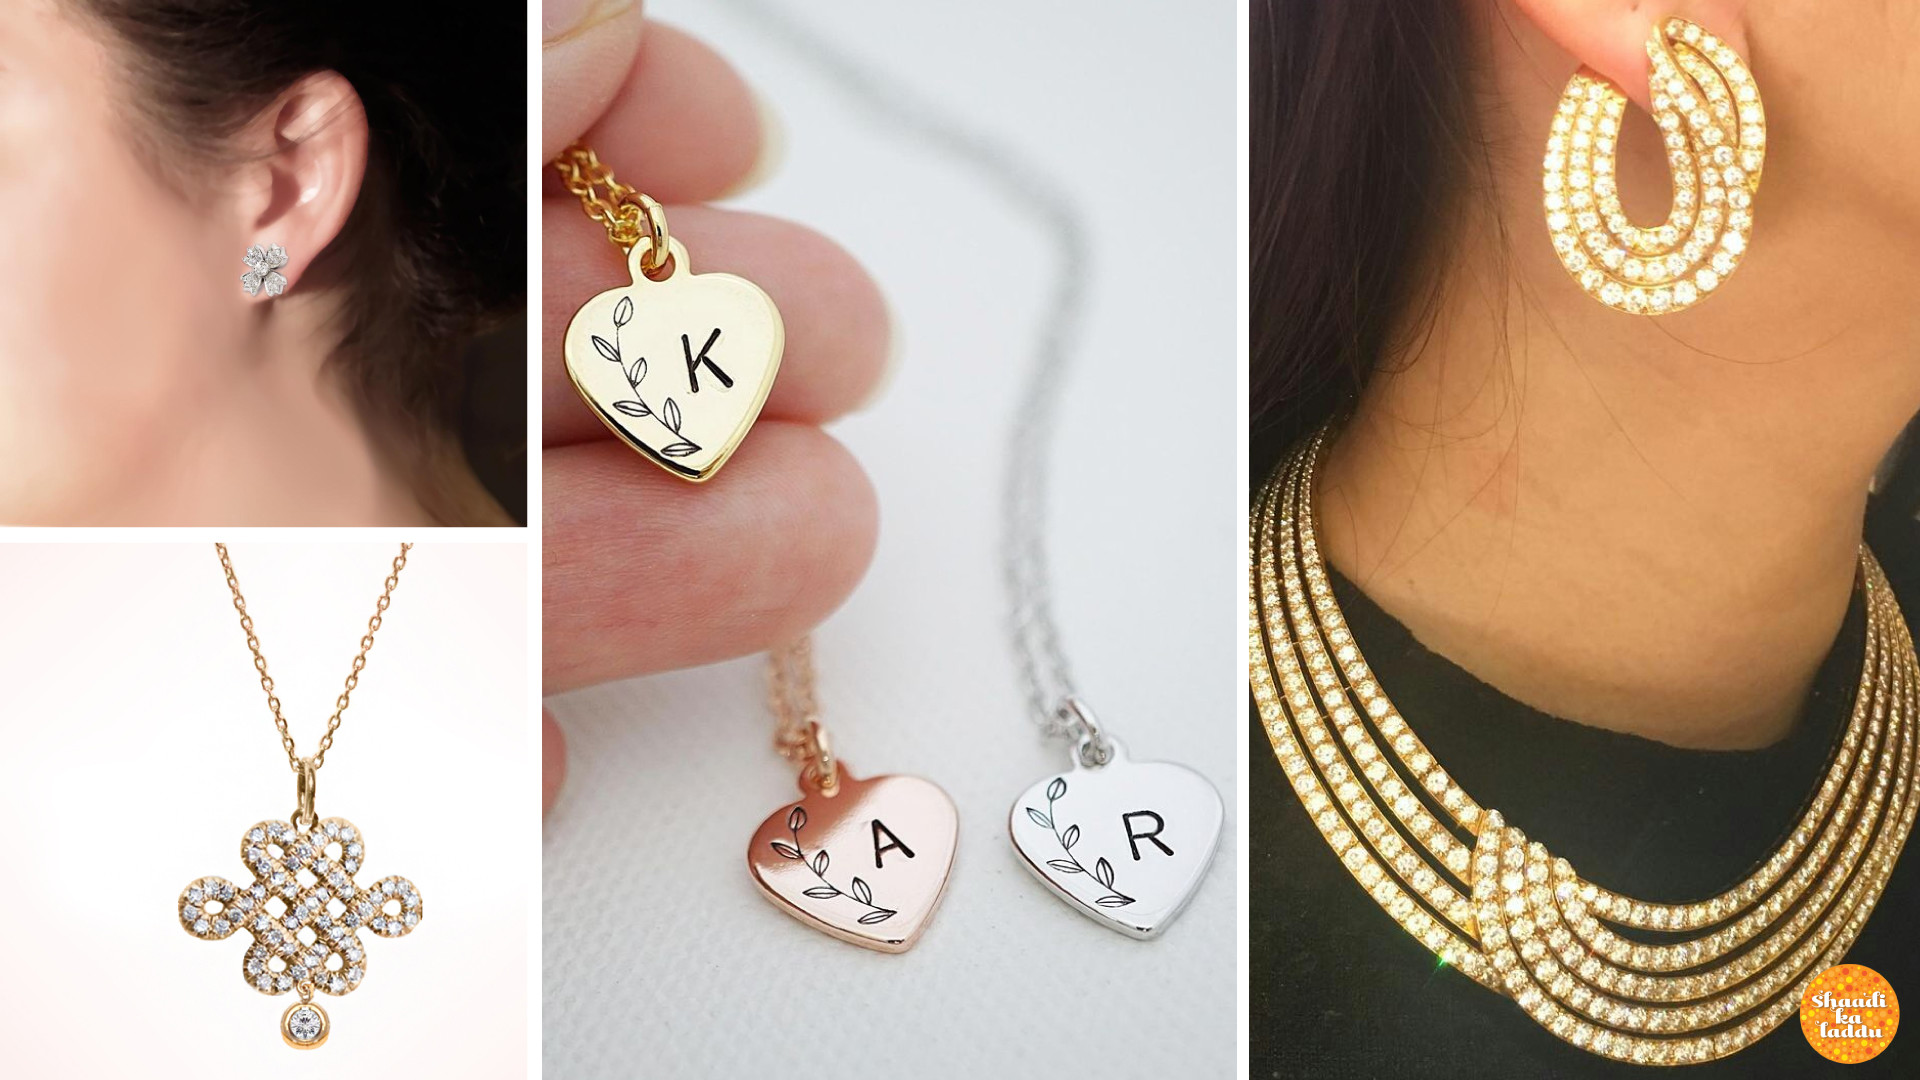 Engraved pendants and diamond pendants, earrings